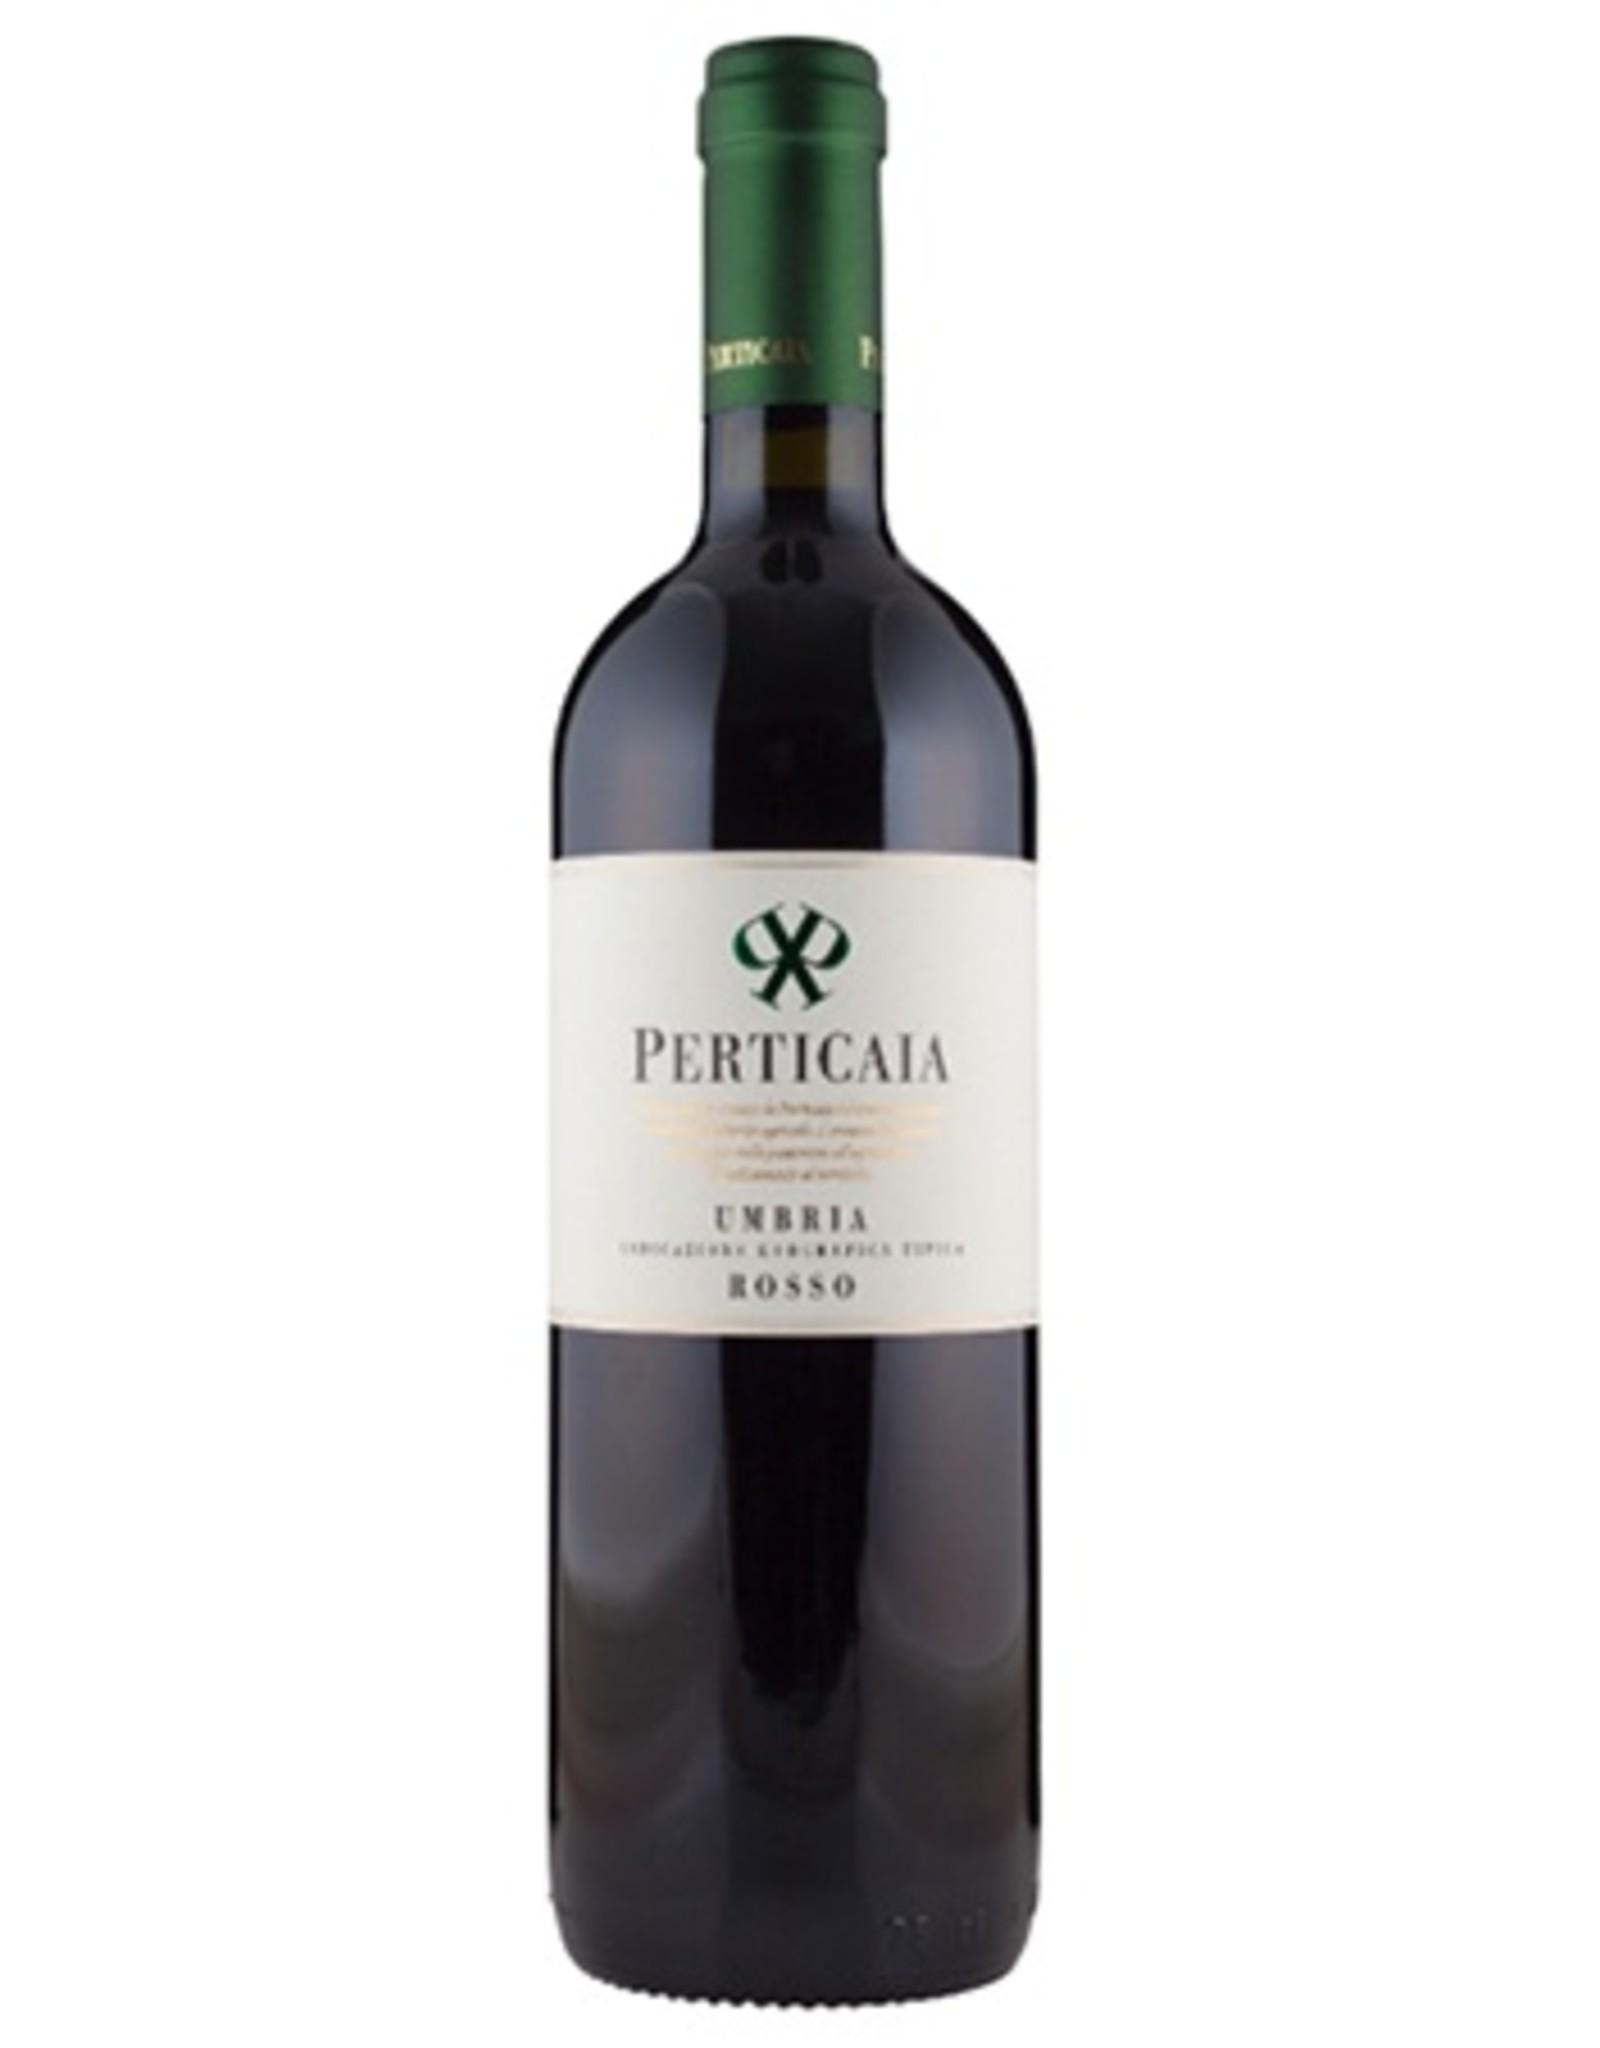 Perticaia Perticaia Umbria Rosso 2018